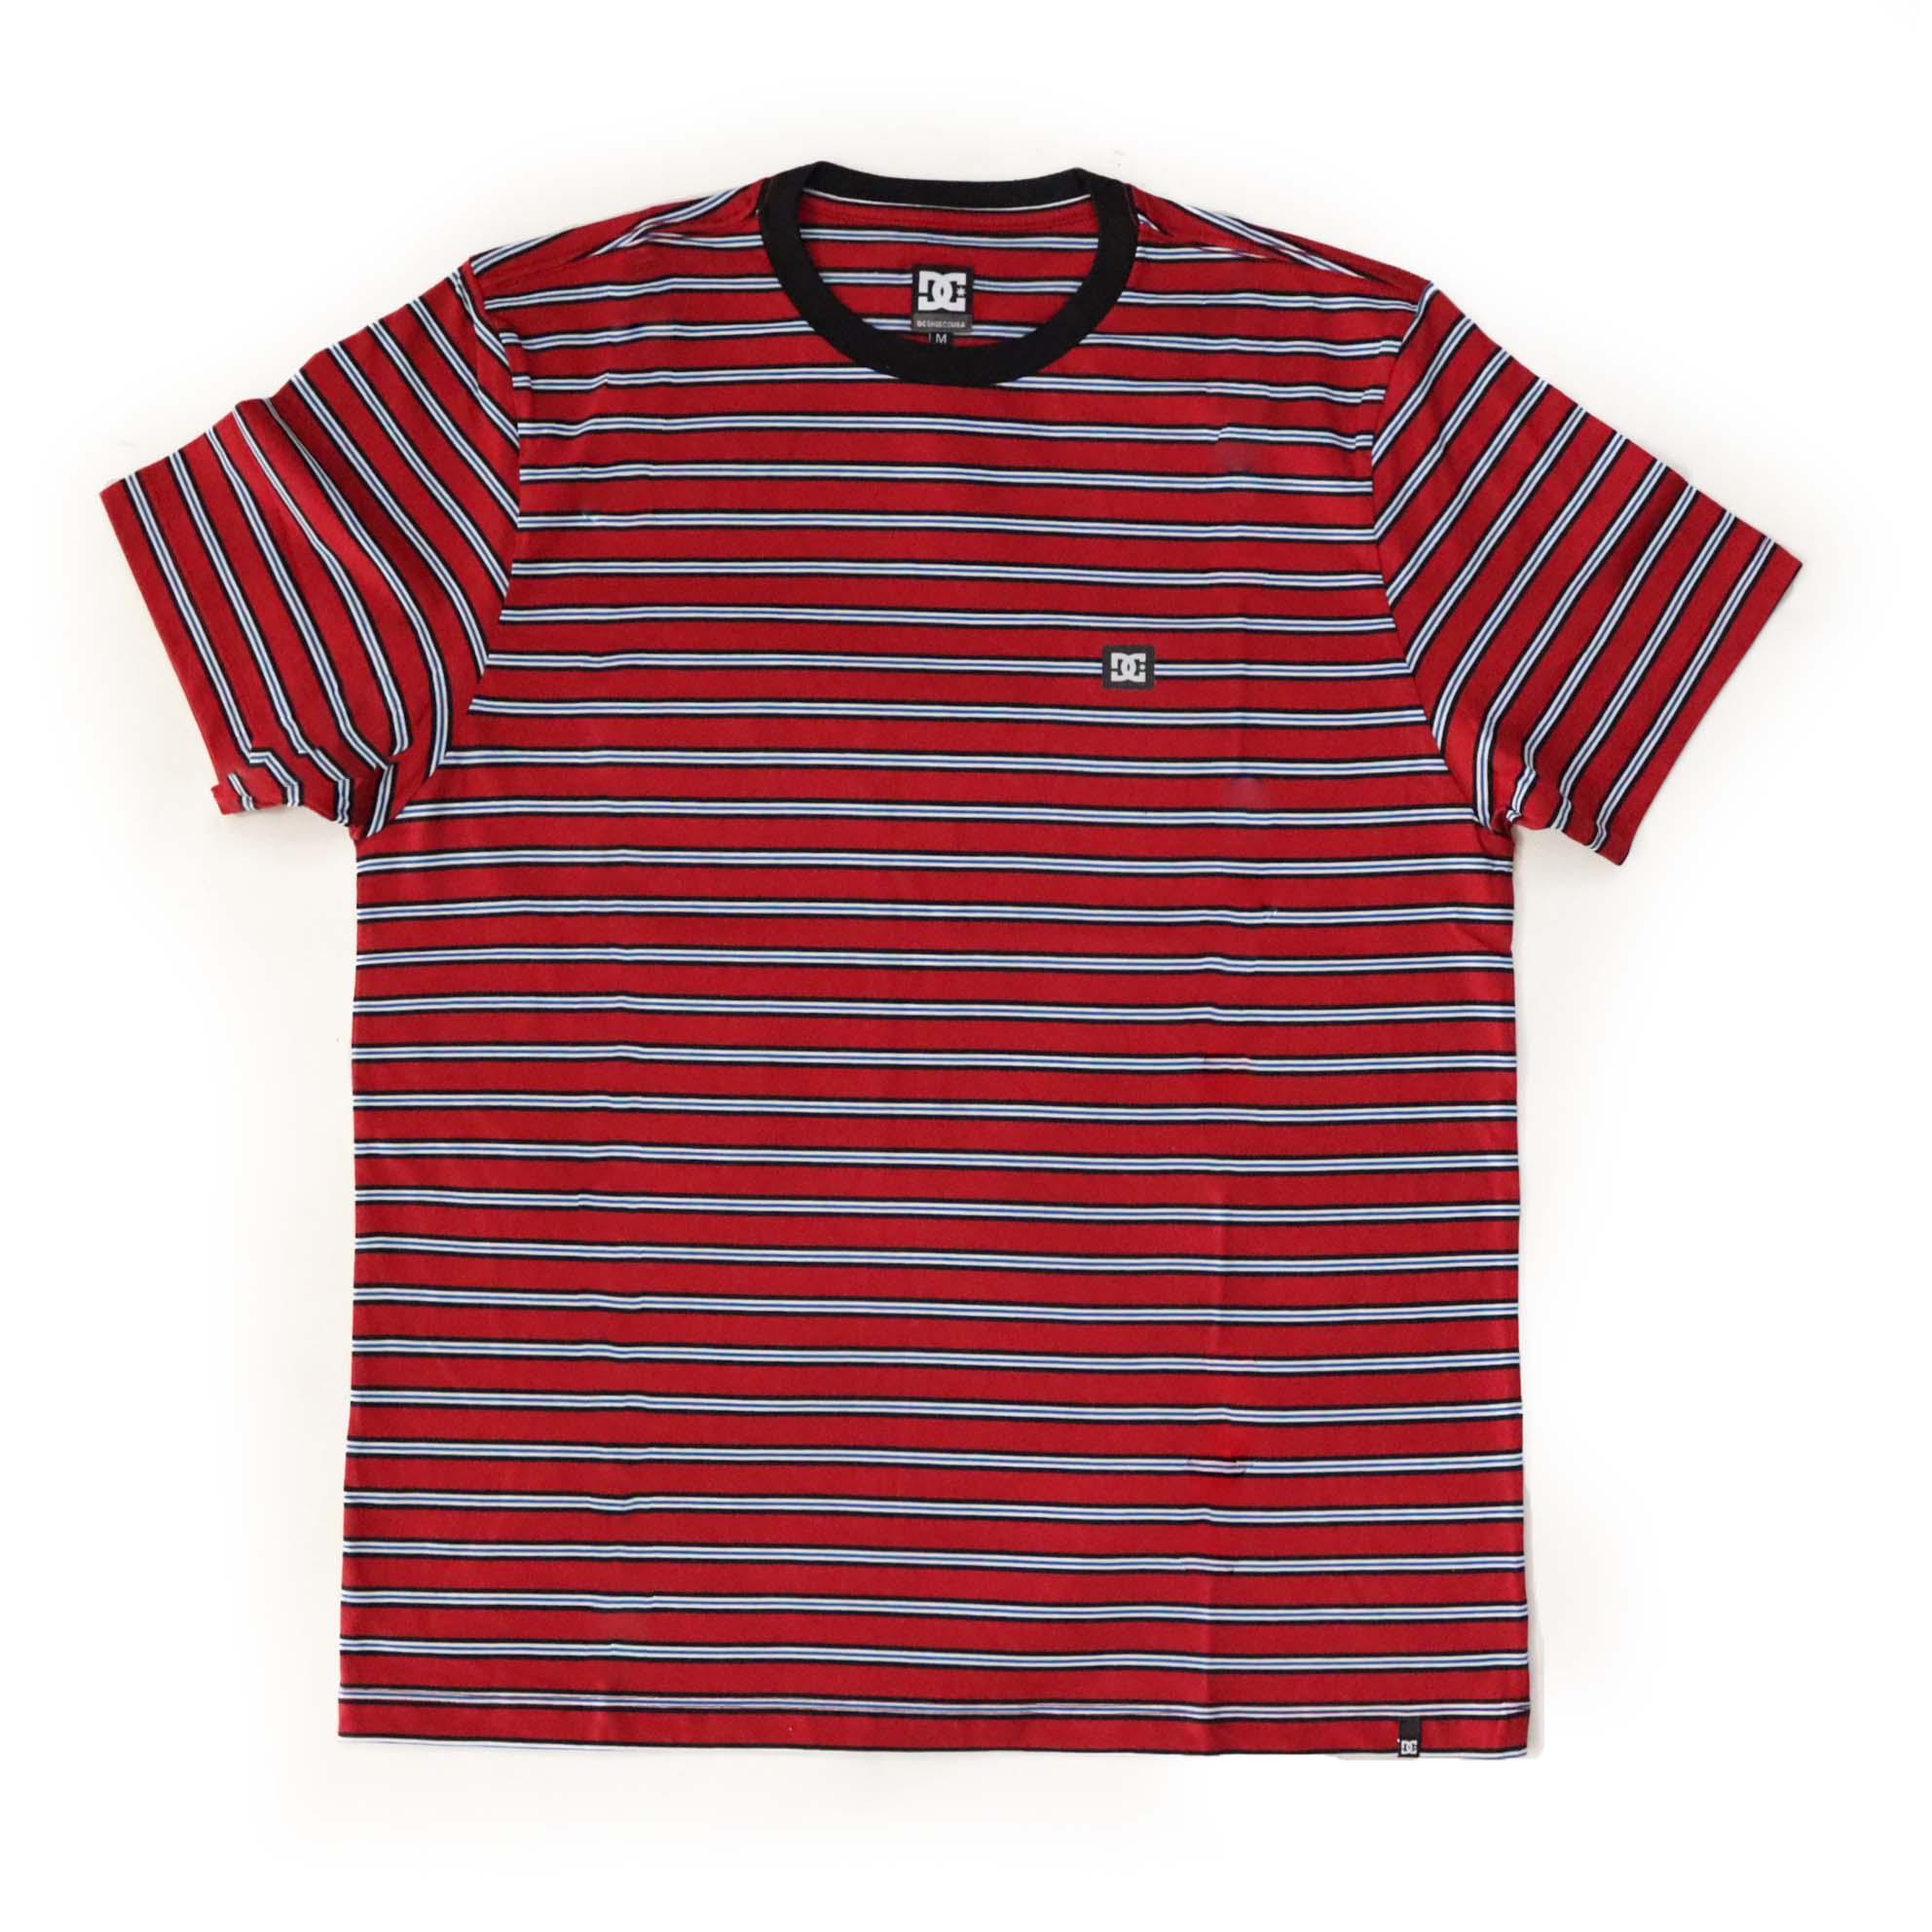 Camiseta DC Shoes Interwine - Vermelho Escuro